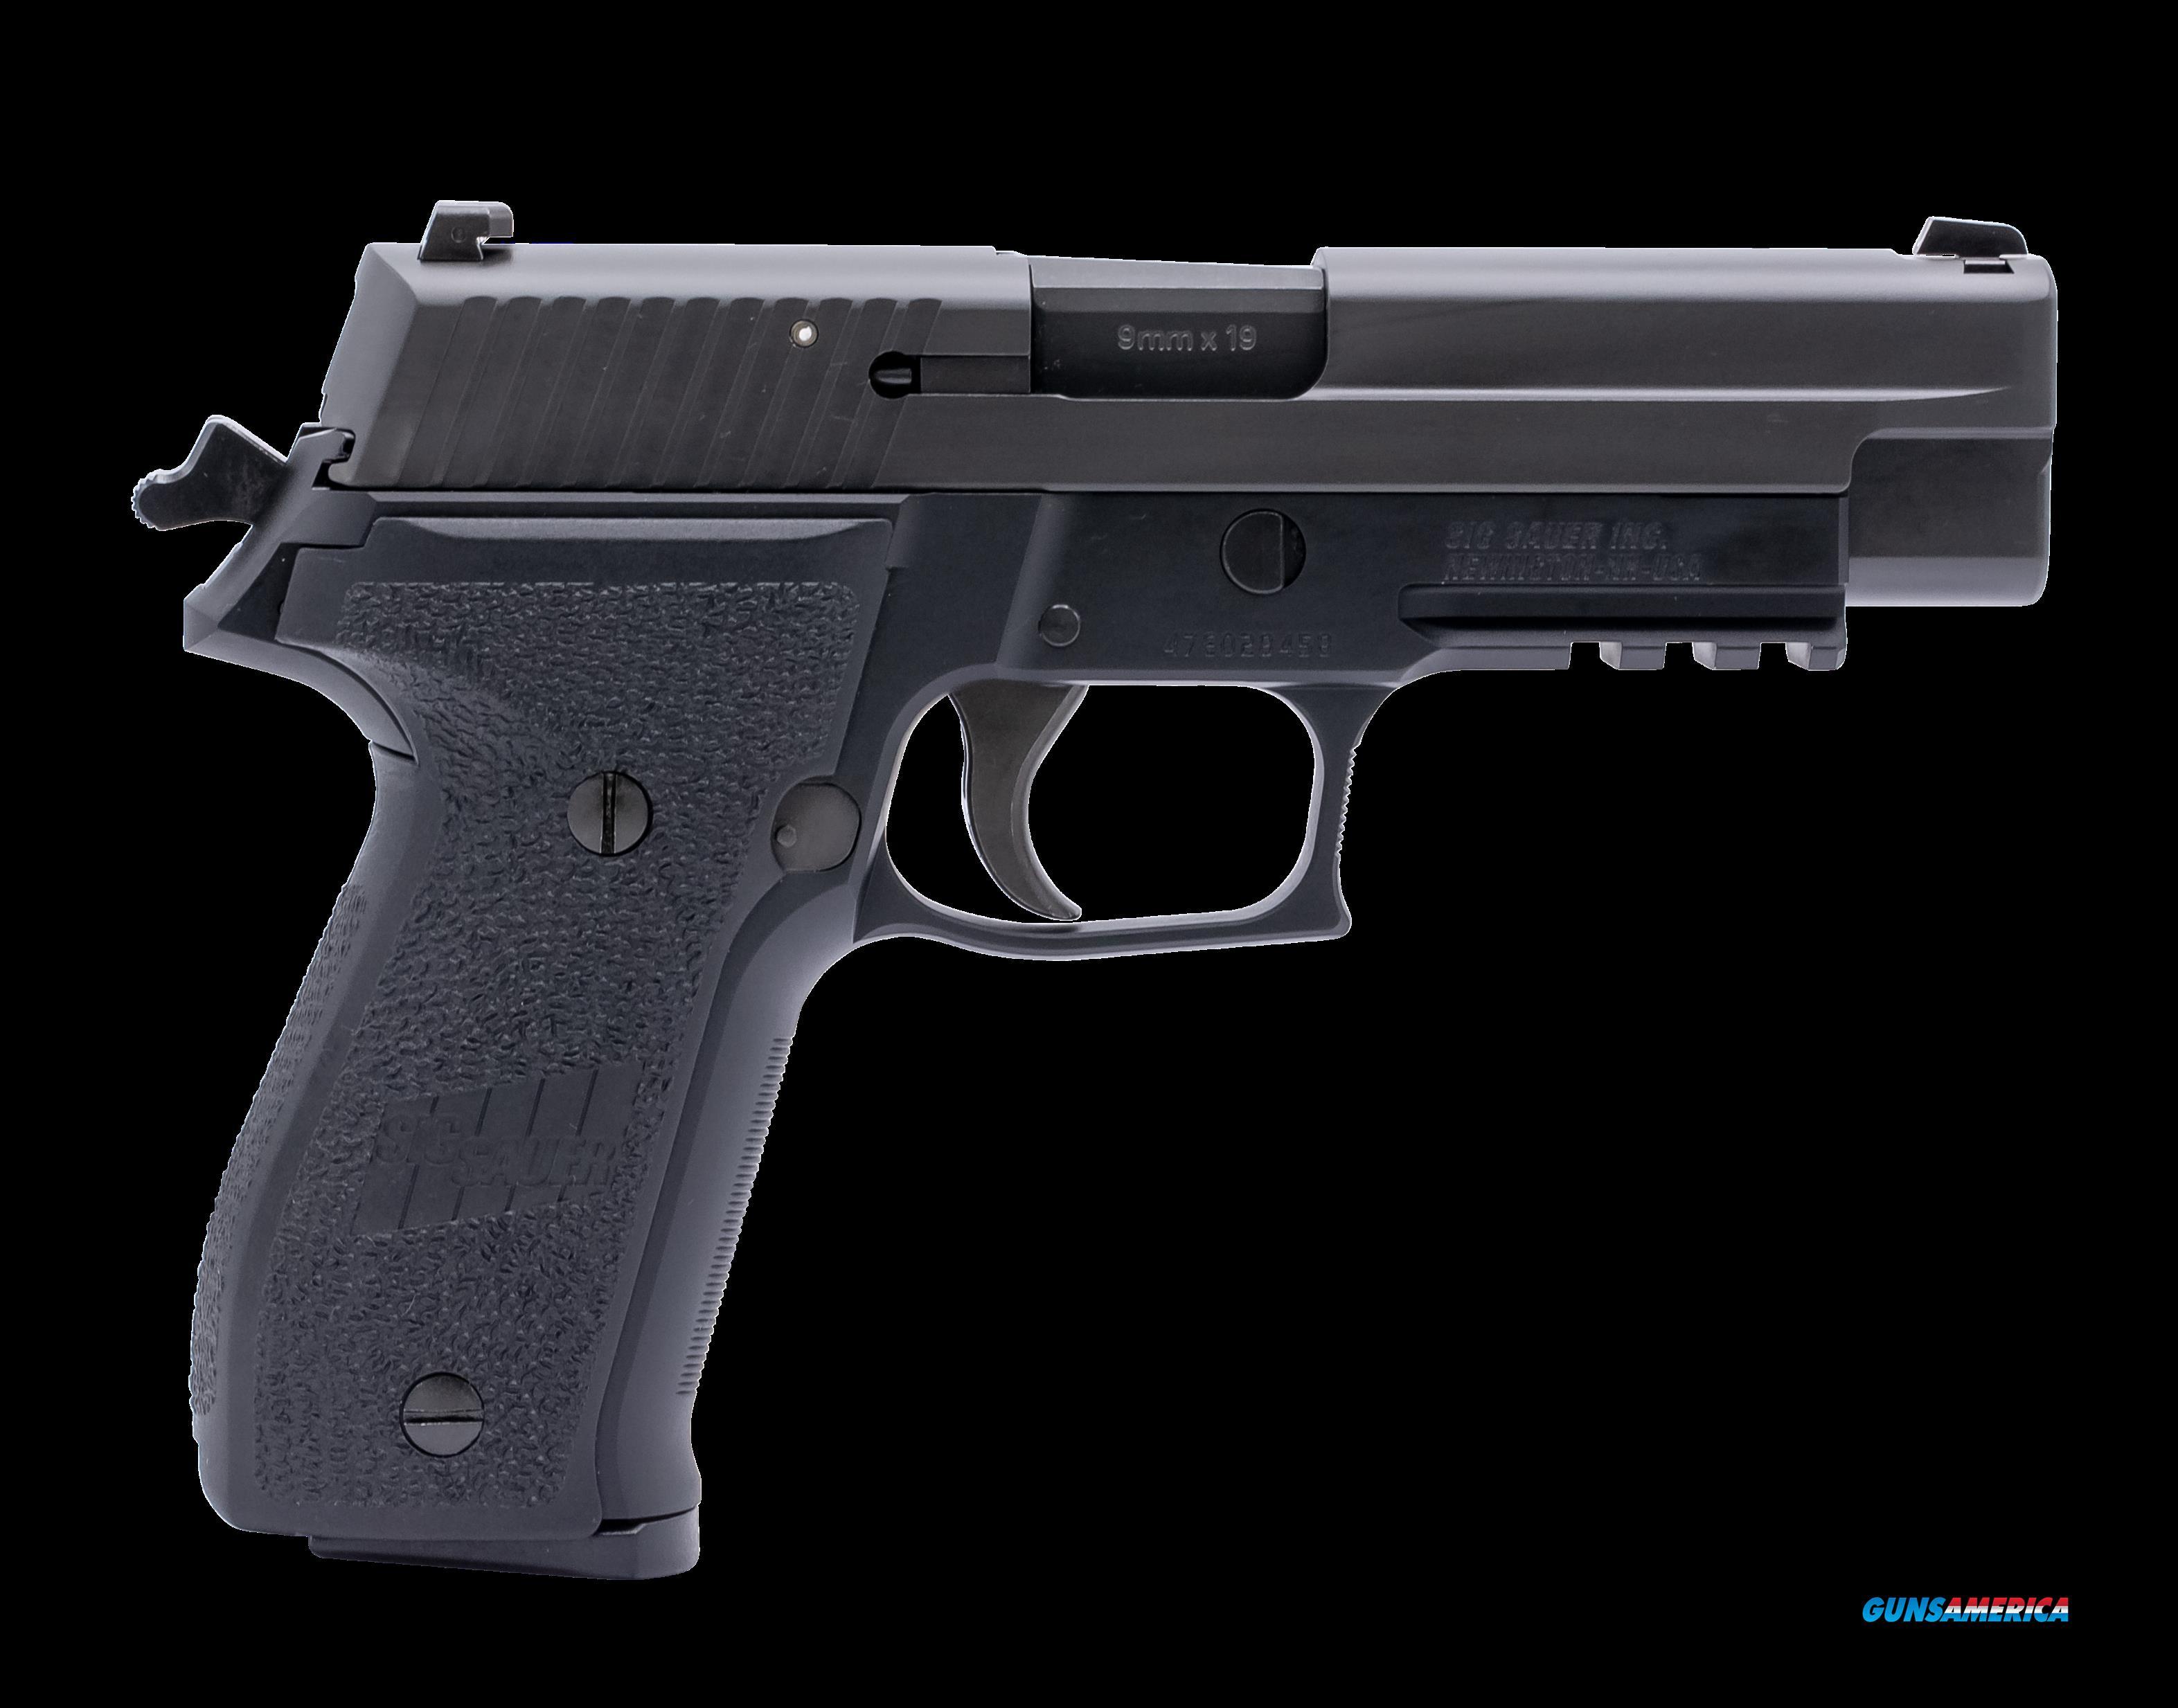 Sig Sauer P226, Sig Mk-25ma          226  9mm         *ma  10r  Guns > Pistols > 1911 Pistol Copies (non-Colt)